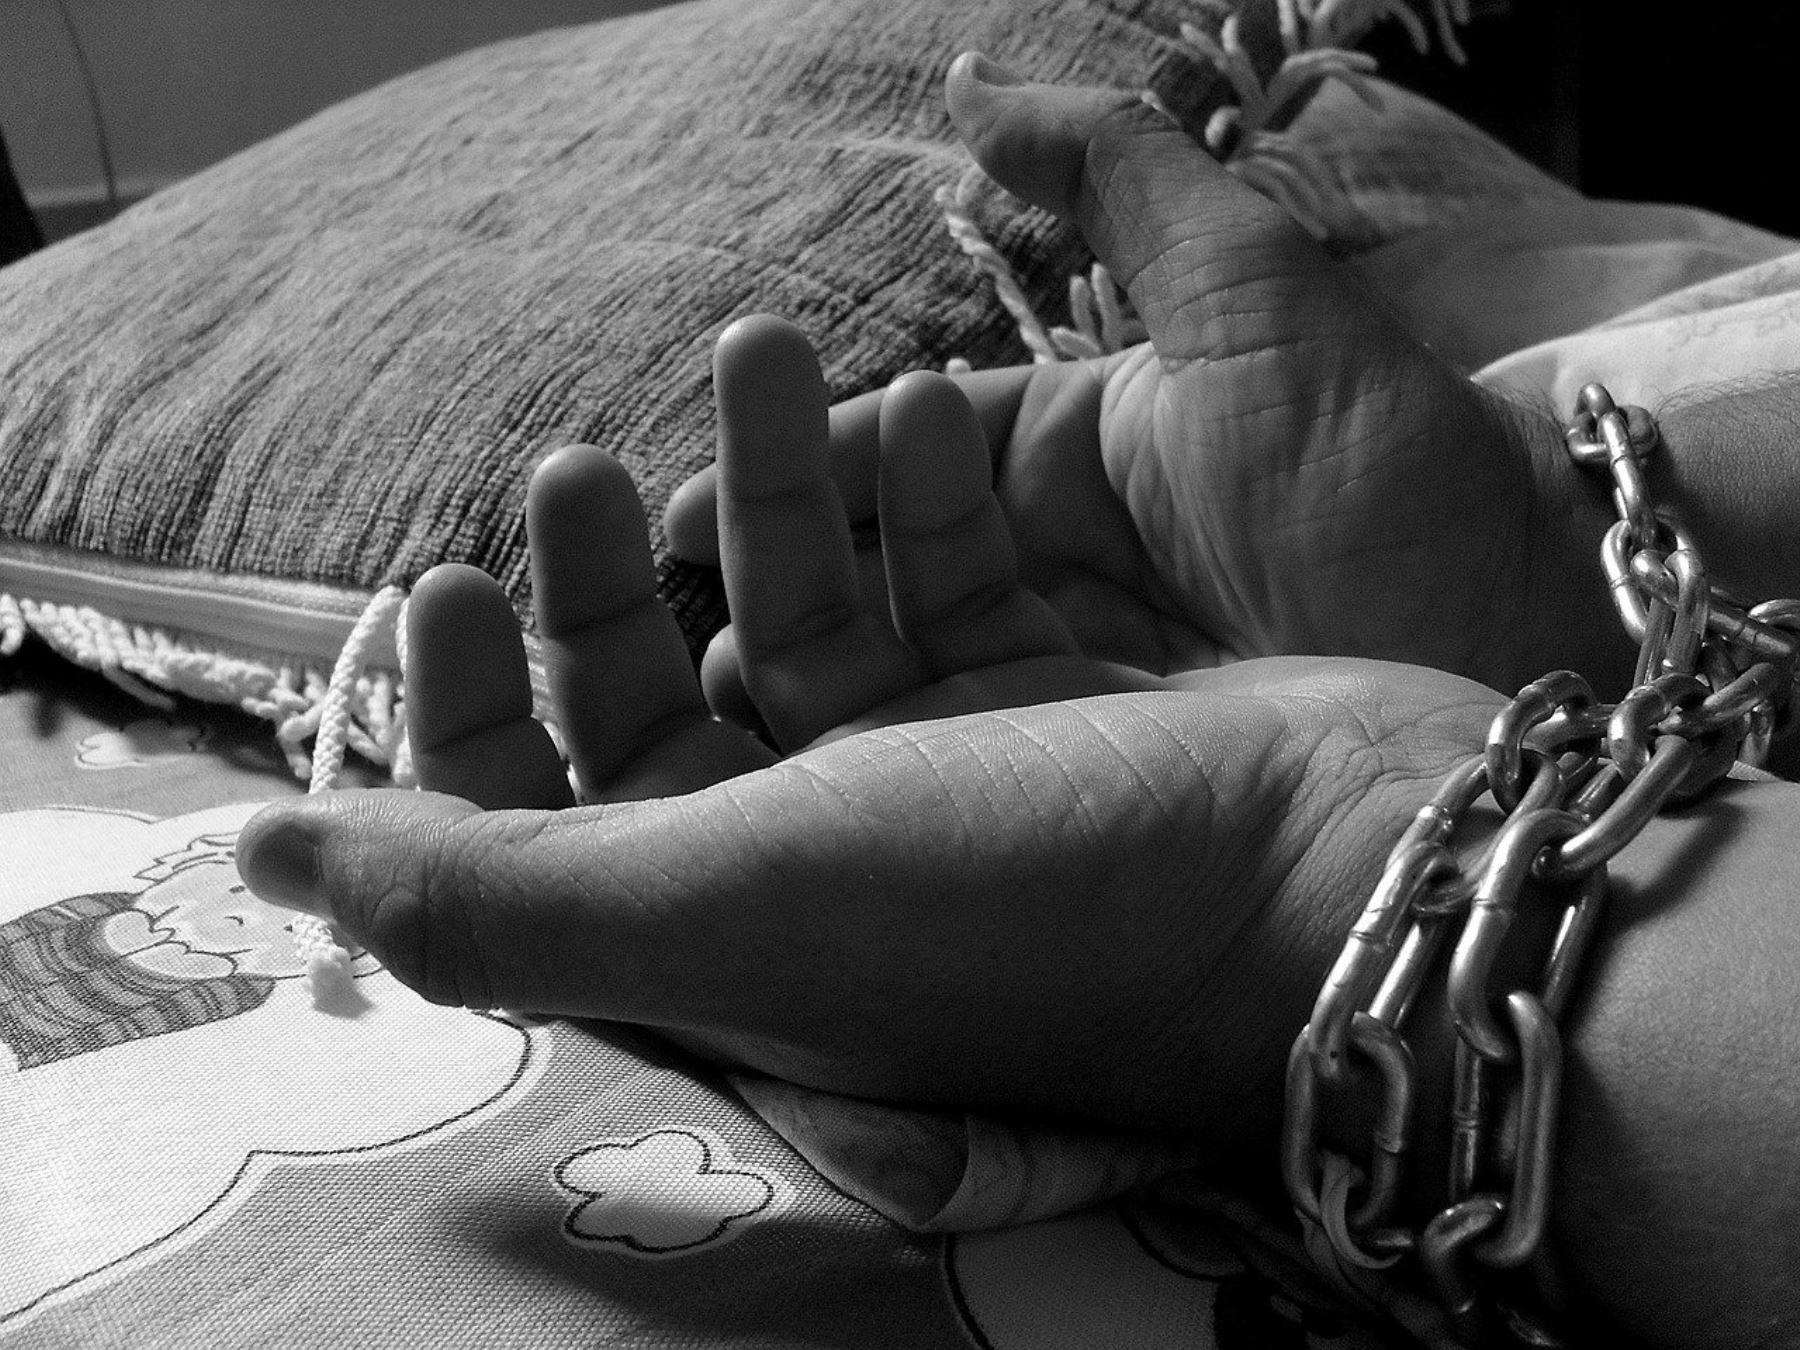 Perú y Ecuador aplican protocolo de colaboración contra delito de trata de personas